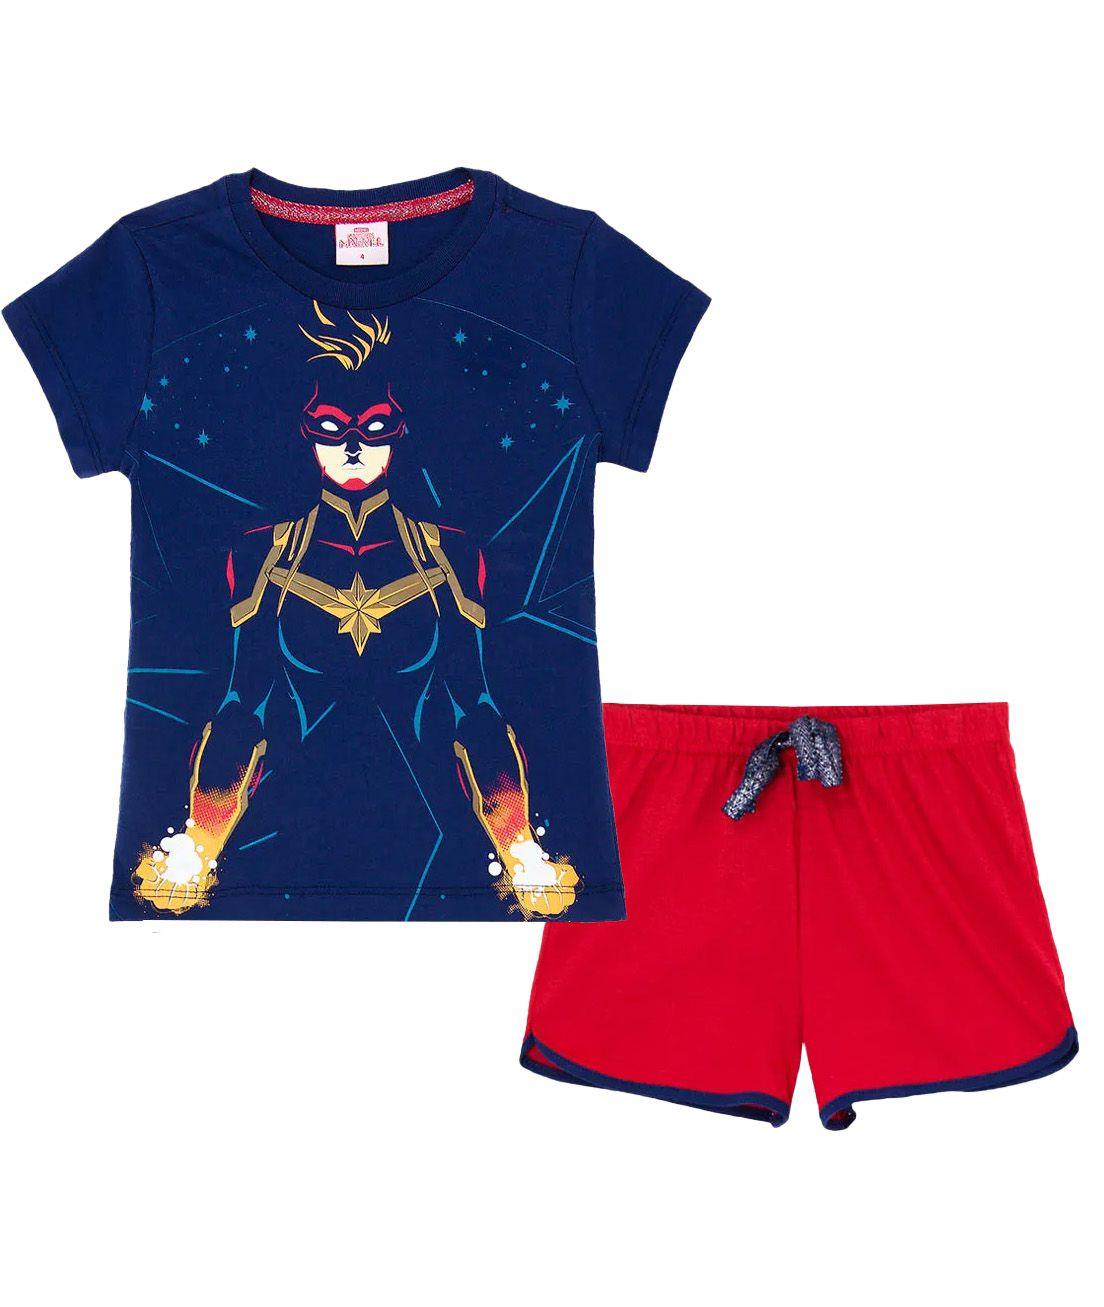 Pijama Curto  Infantil  Evanilda Capitain Marvel Marinho/Vermelho brilha no escuro